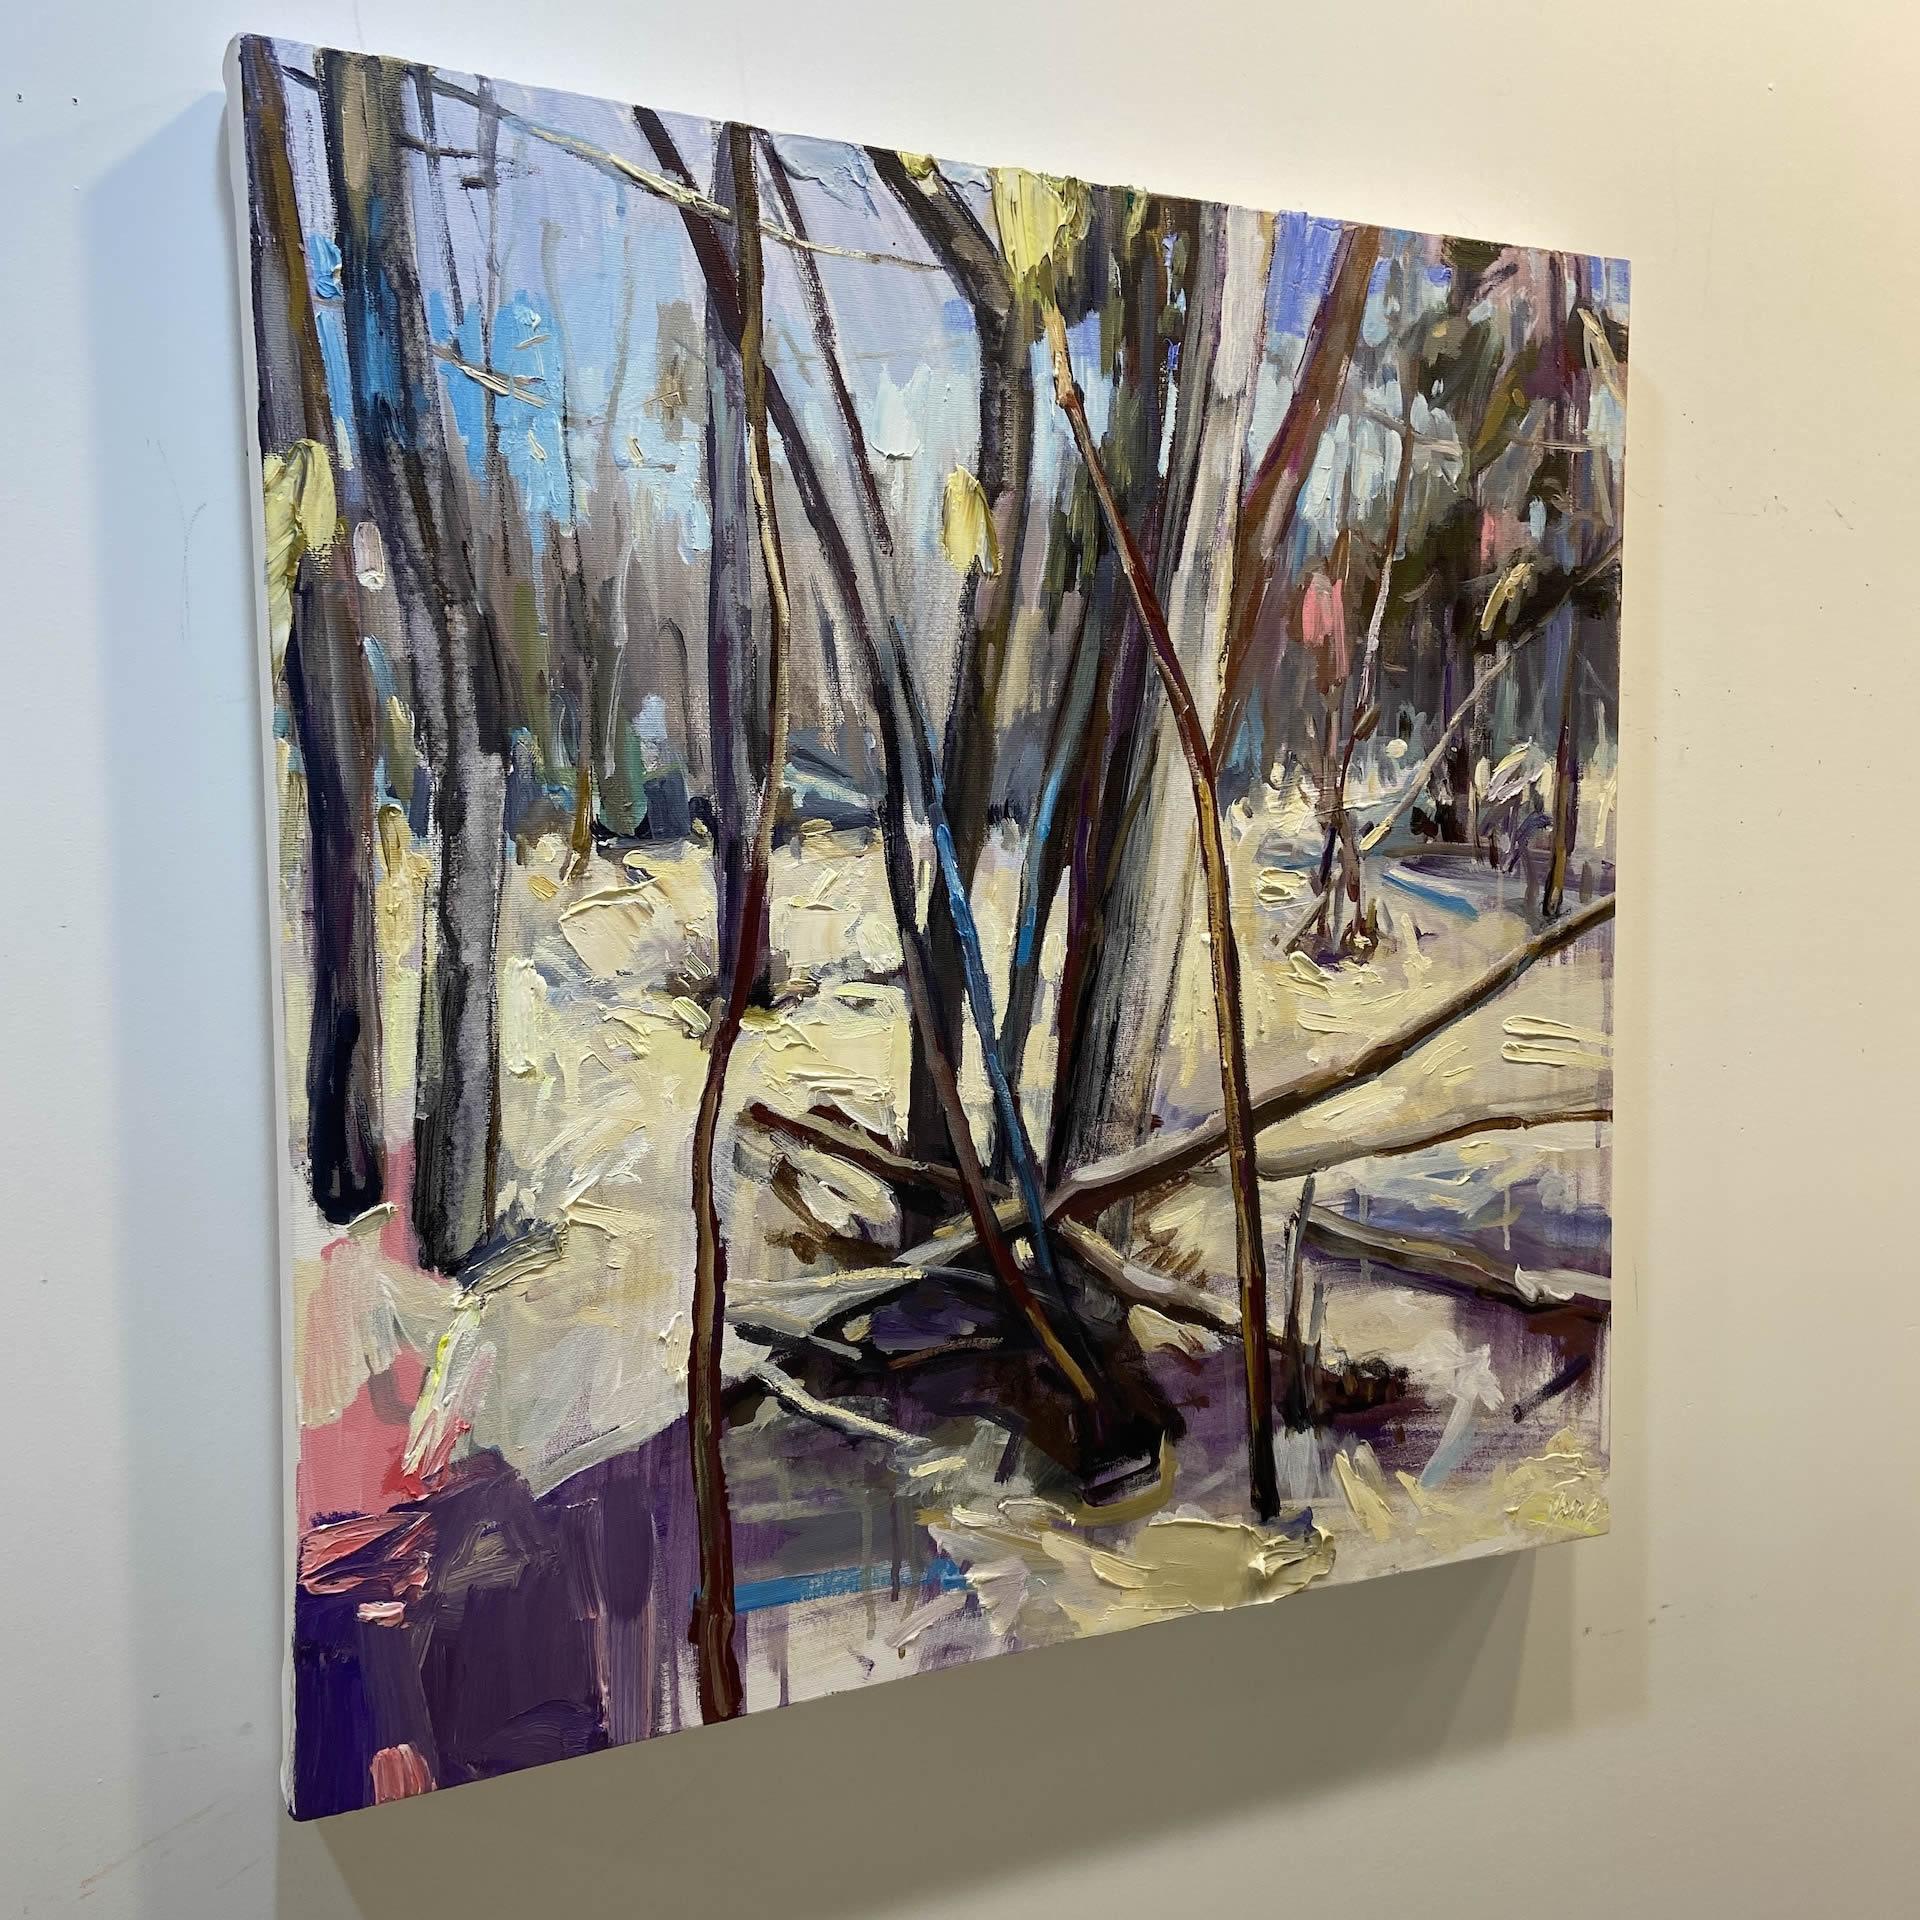 Julie-Himel-Translations-2021-Oil-On-Canvas-24x24-2000-side-Online-Art-Galleries